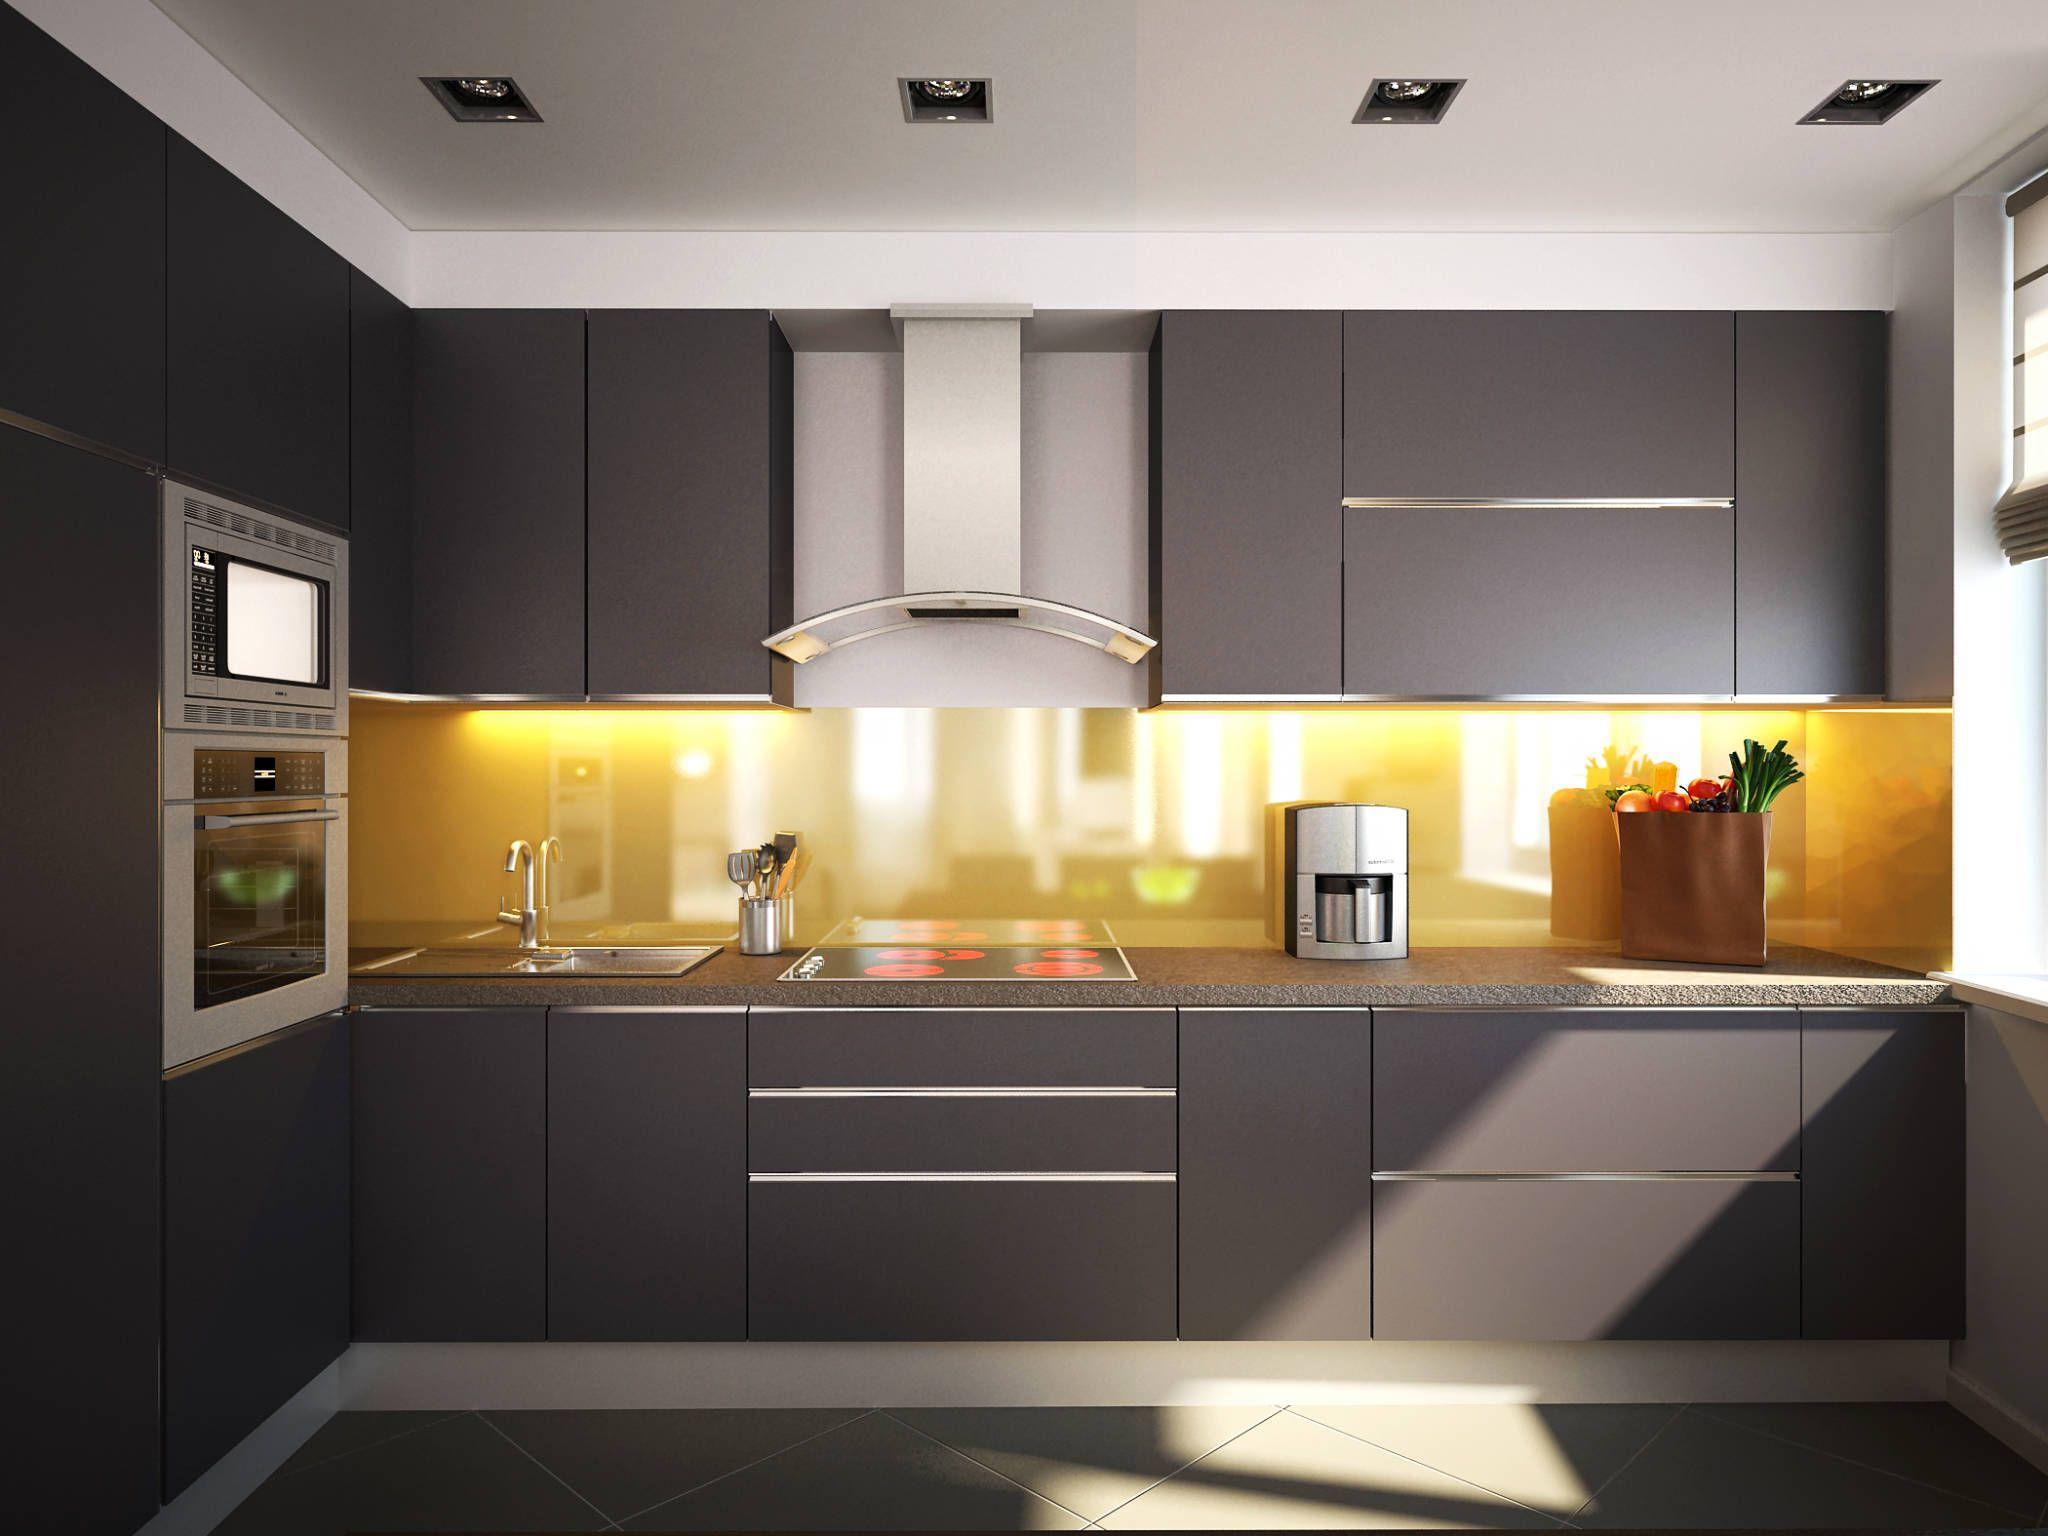 Fotos de cocinas de estilo minimalista de polovets - Cocinas minimalistas ...